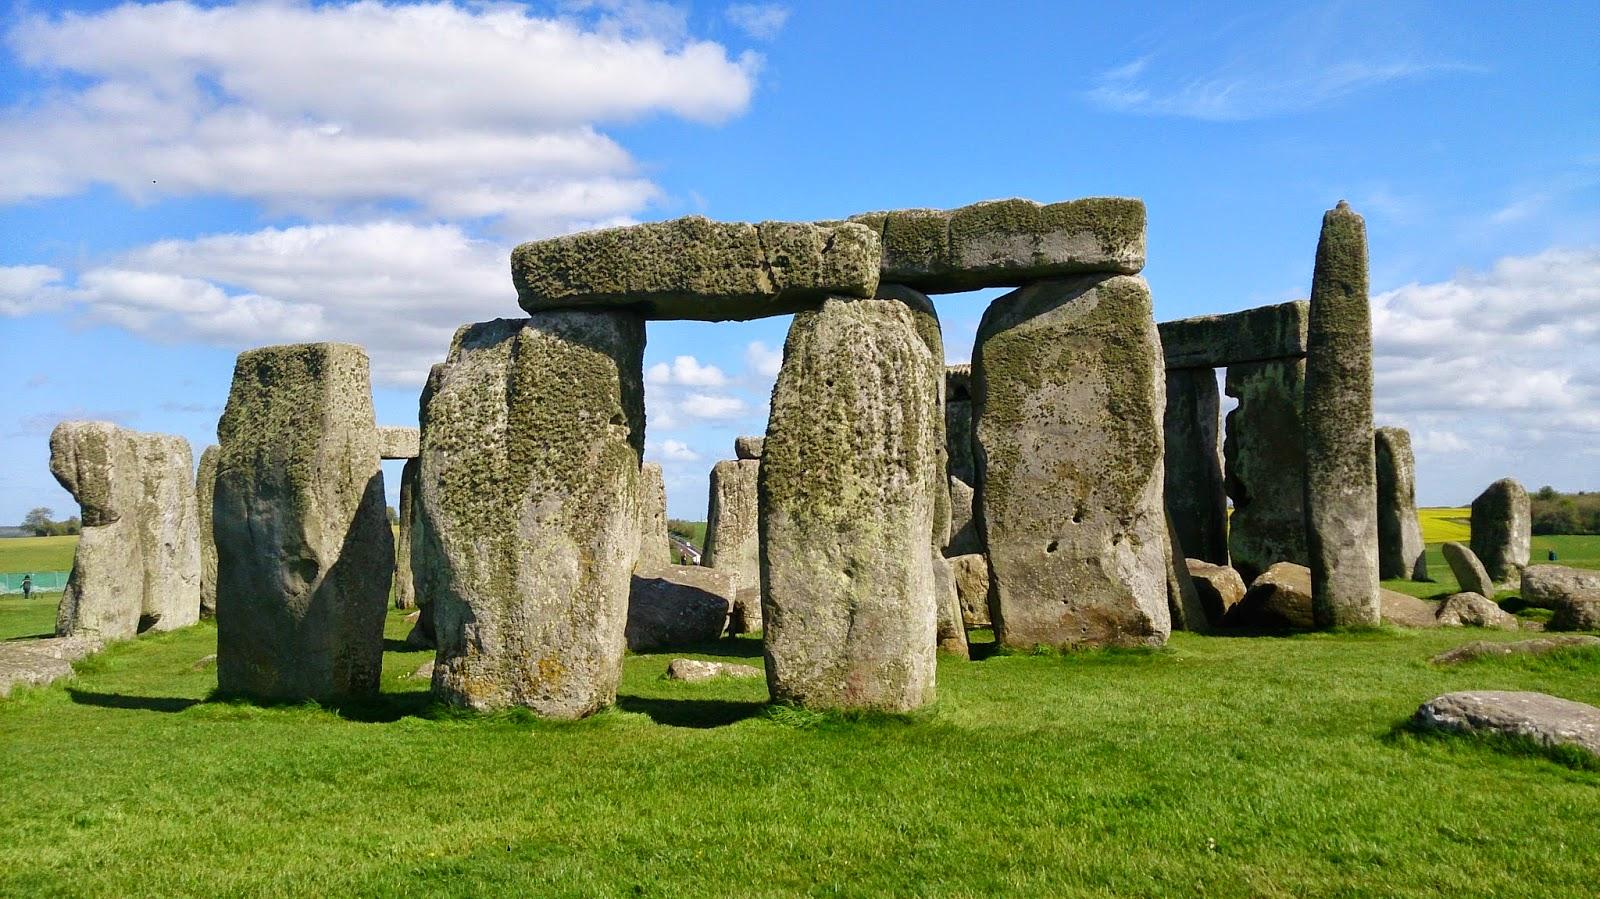 英國 單車 足球 聚舊之旅 遊客中心 石柱群模型 Stonehenge